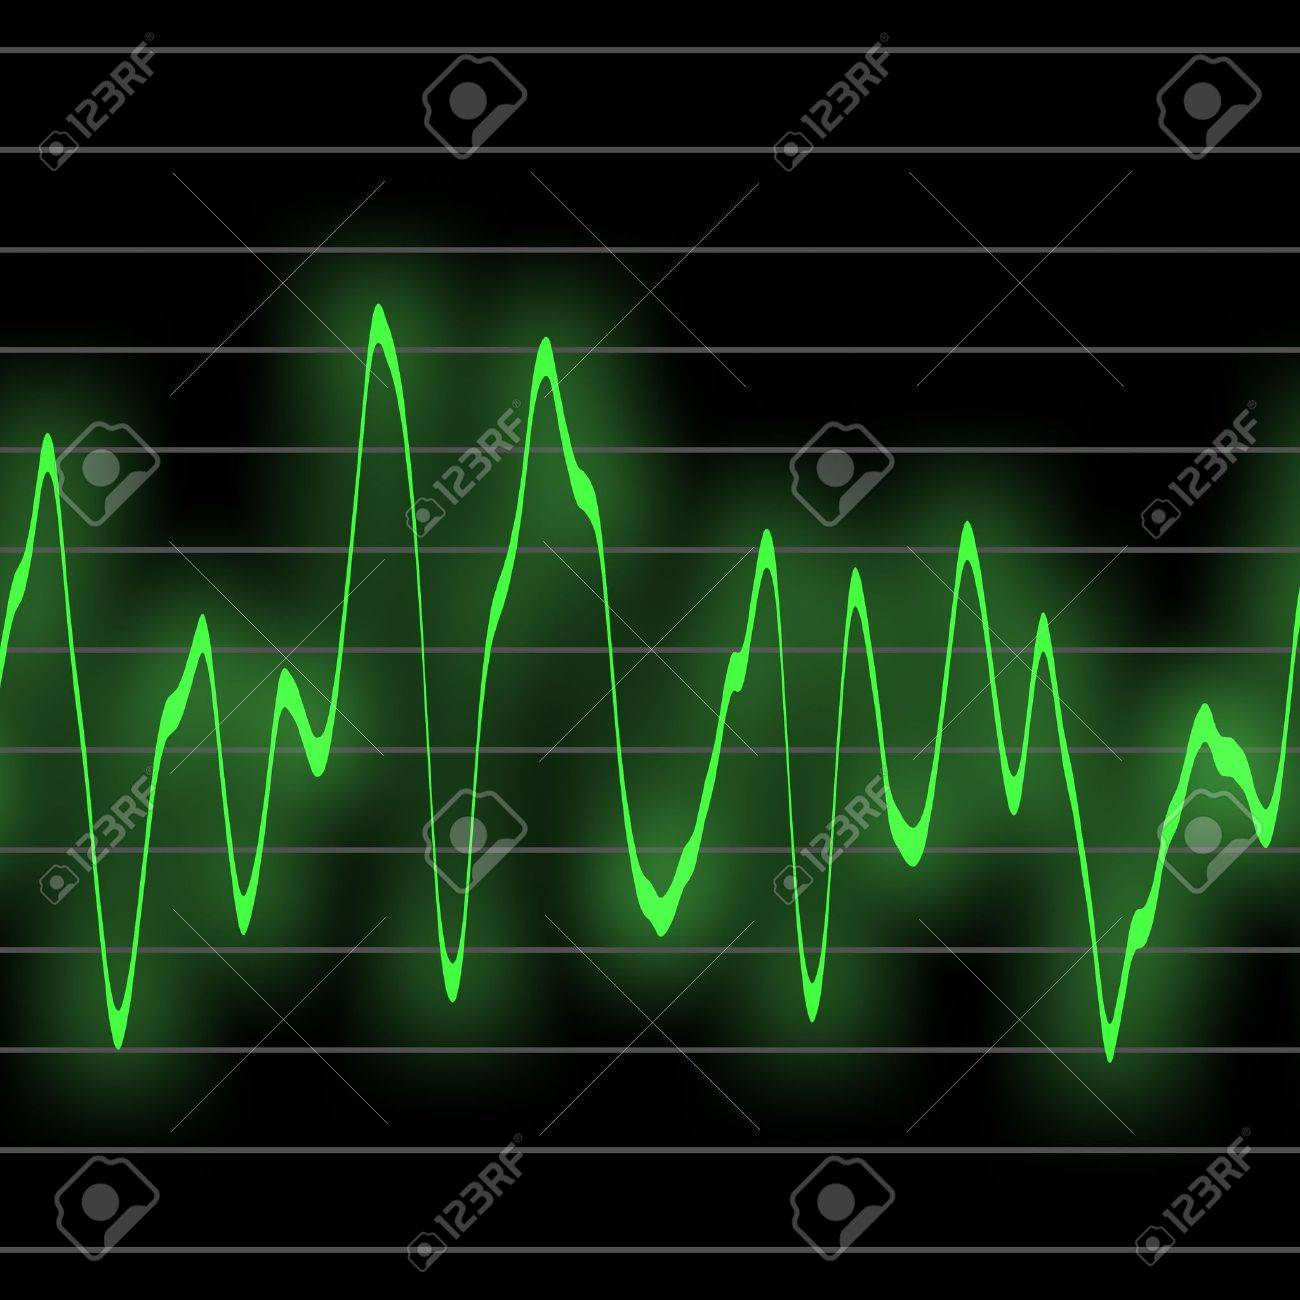 電子音楽から輝くネオン緑で打ち...